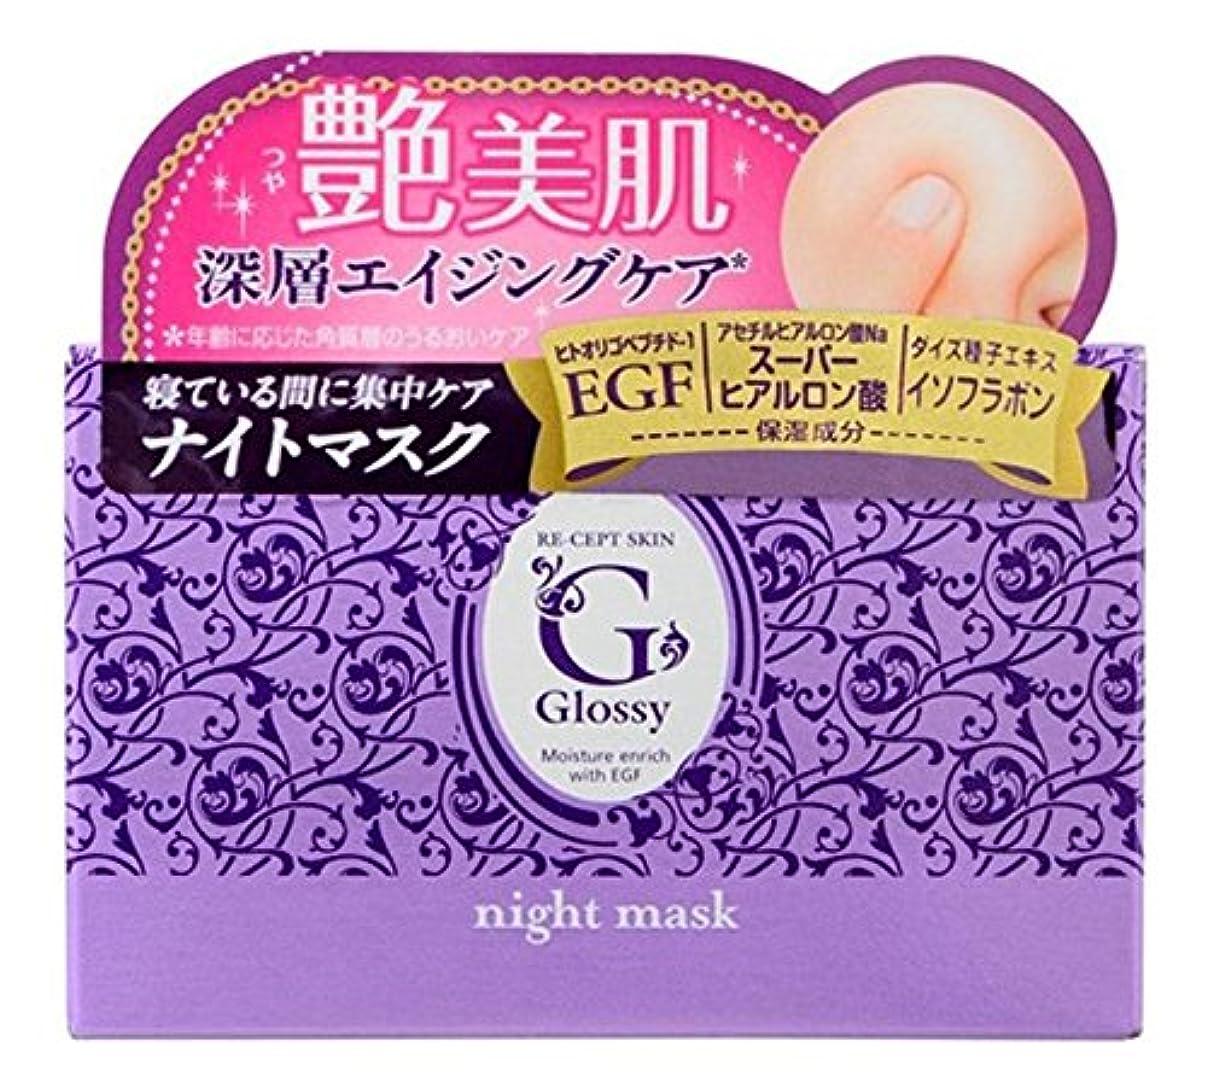 偽課税ドロー日本ゼトック リセプトスキン グロッシー ナイトマスク <クリーム状マスク> 90g